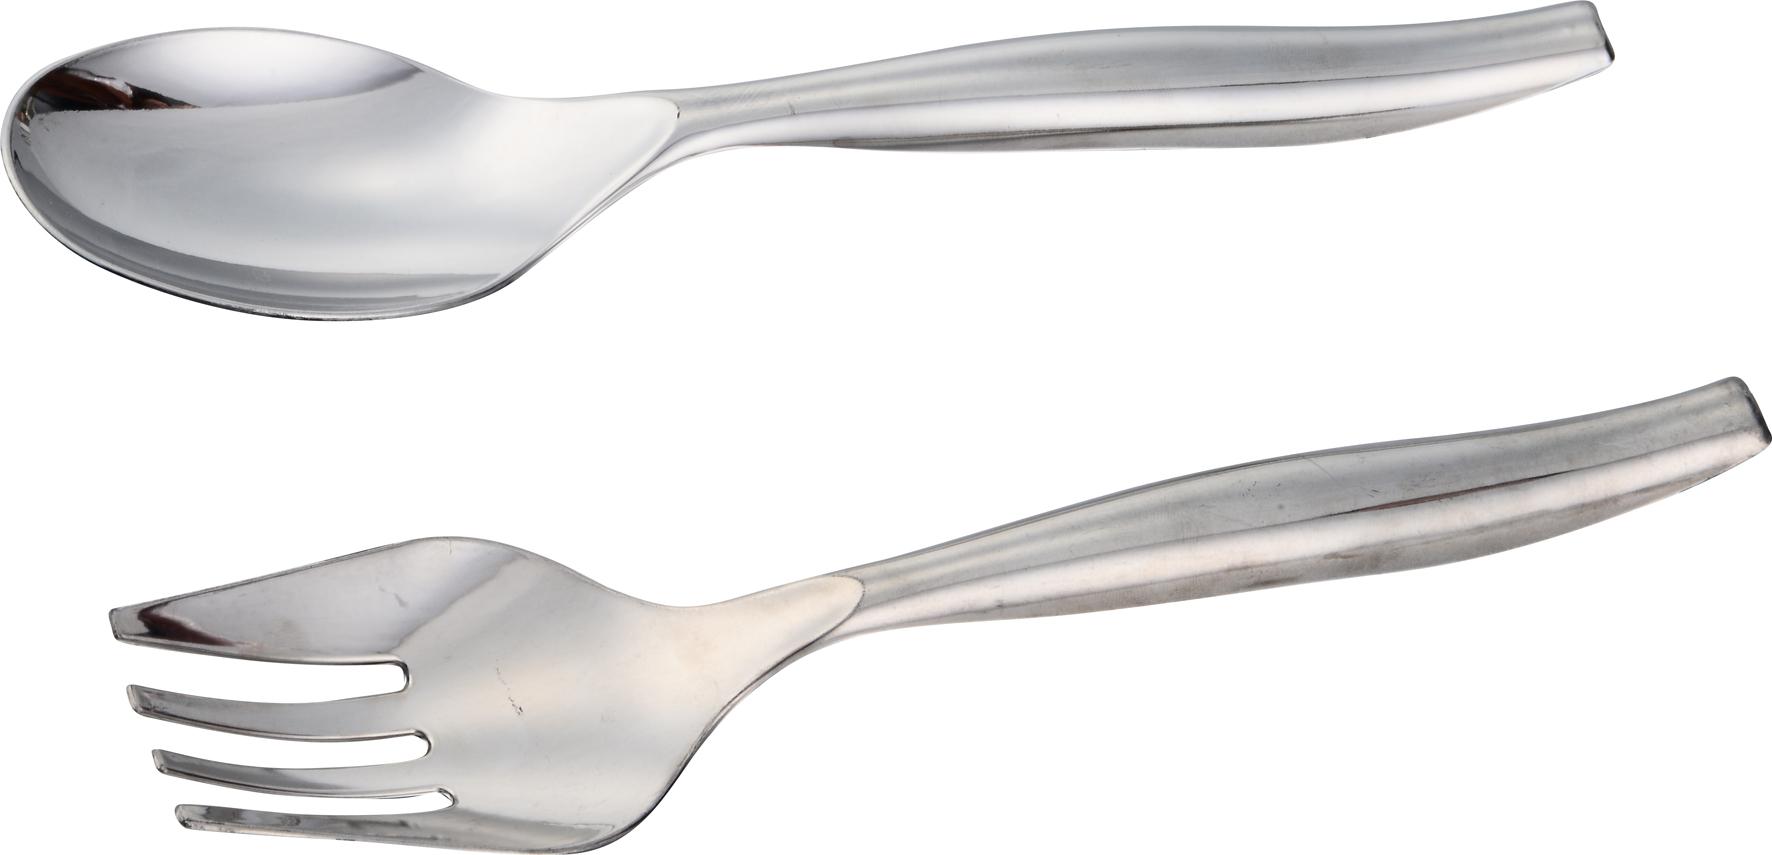 כלים חד פעמיים כוסות פלסטיק כוסות חד פעמיות יבוא כלים חד פעמיים יבוא כלים חד פעמיים מסין סכום מפלסטיק יבוא סכום חד פעמי סכום לבן סכום צבעוני סכום פשוט סכום מוסדי